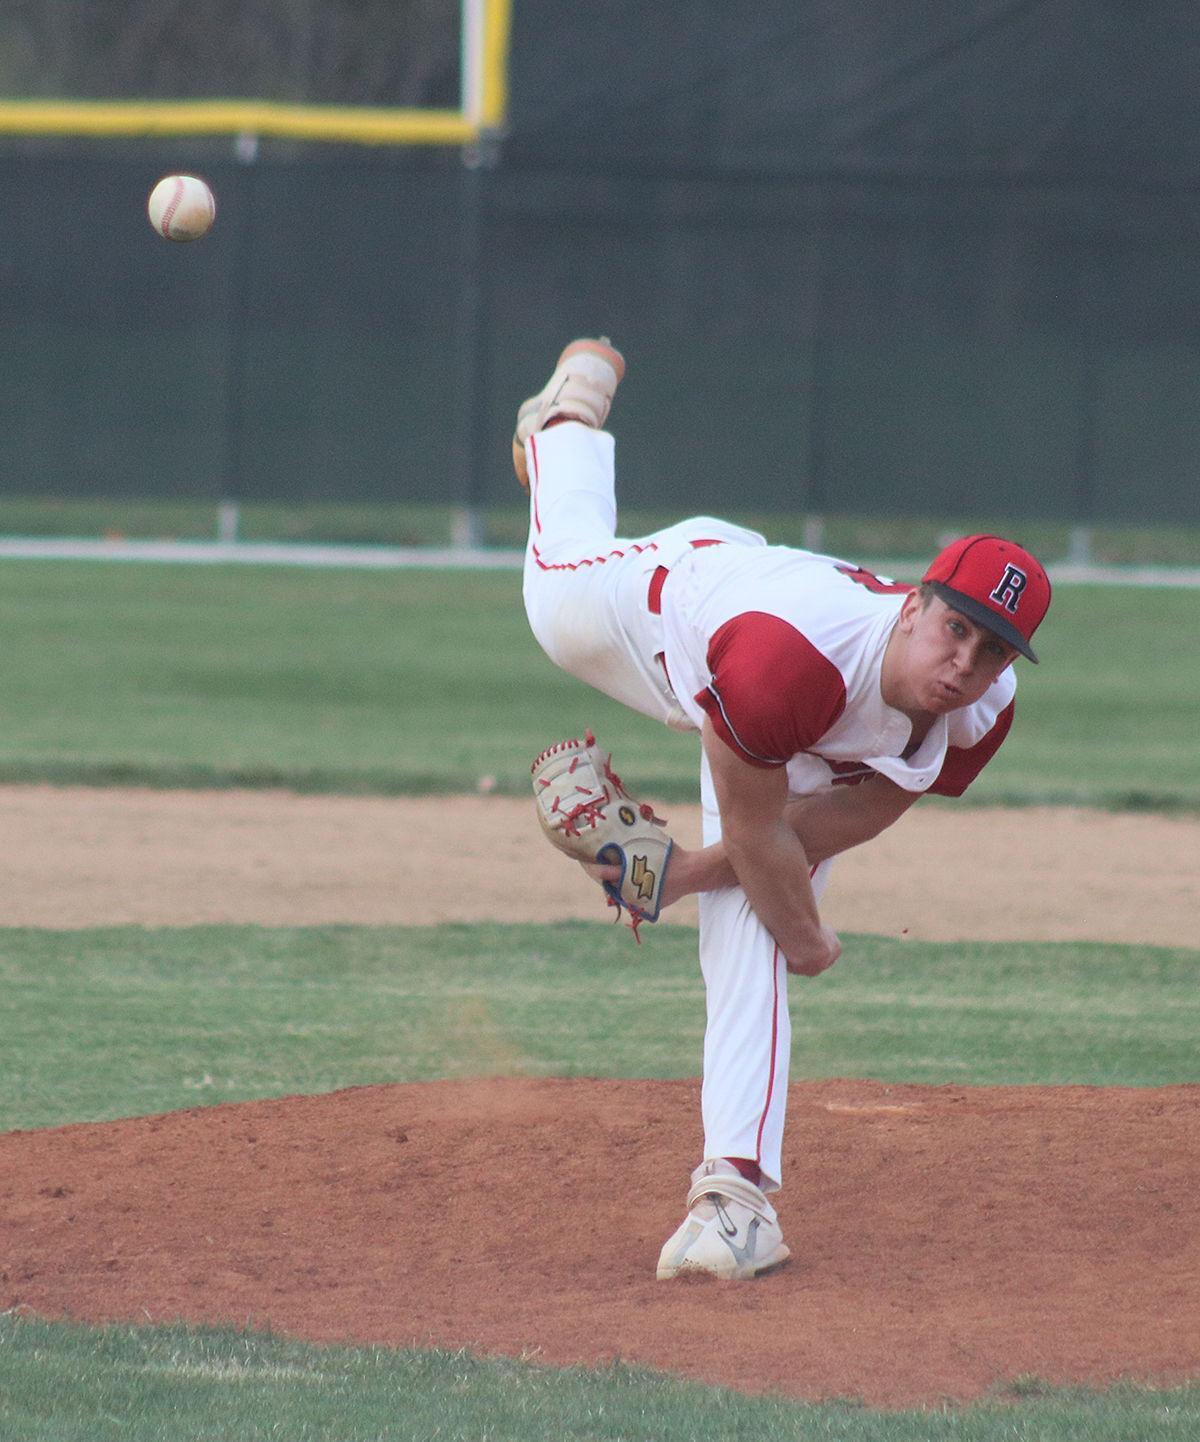 Brown makes pitching debut